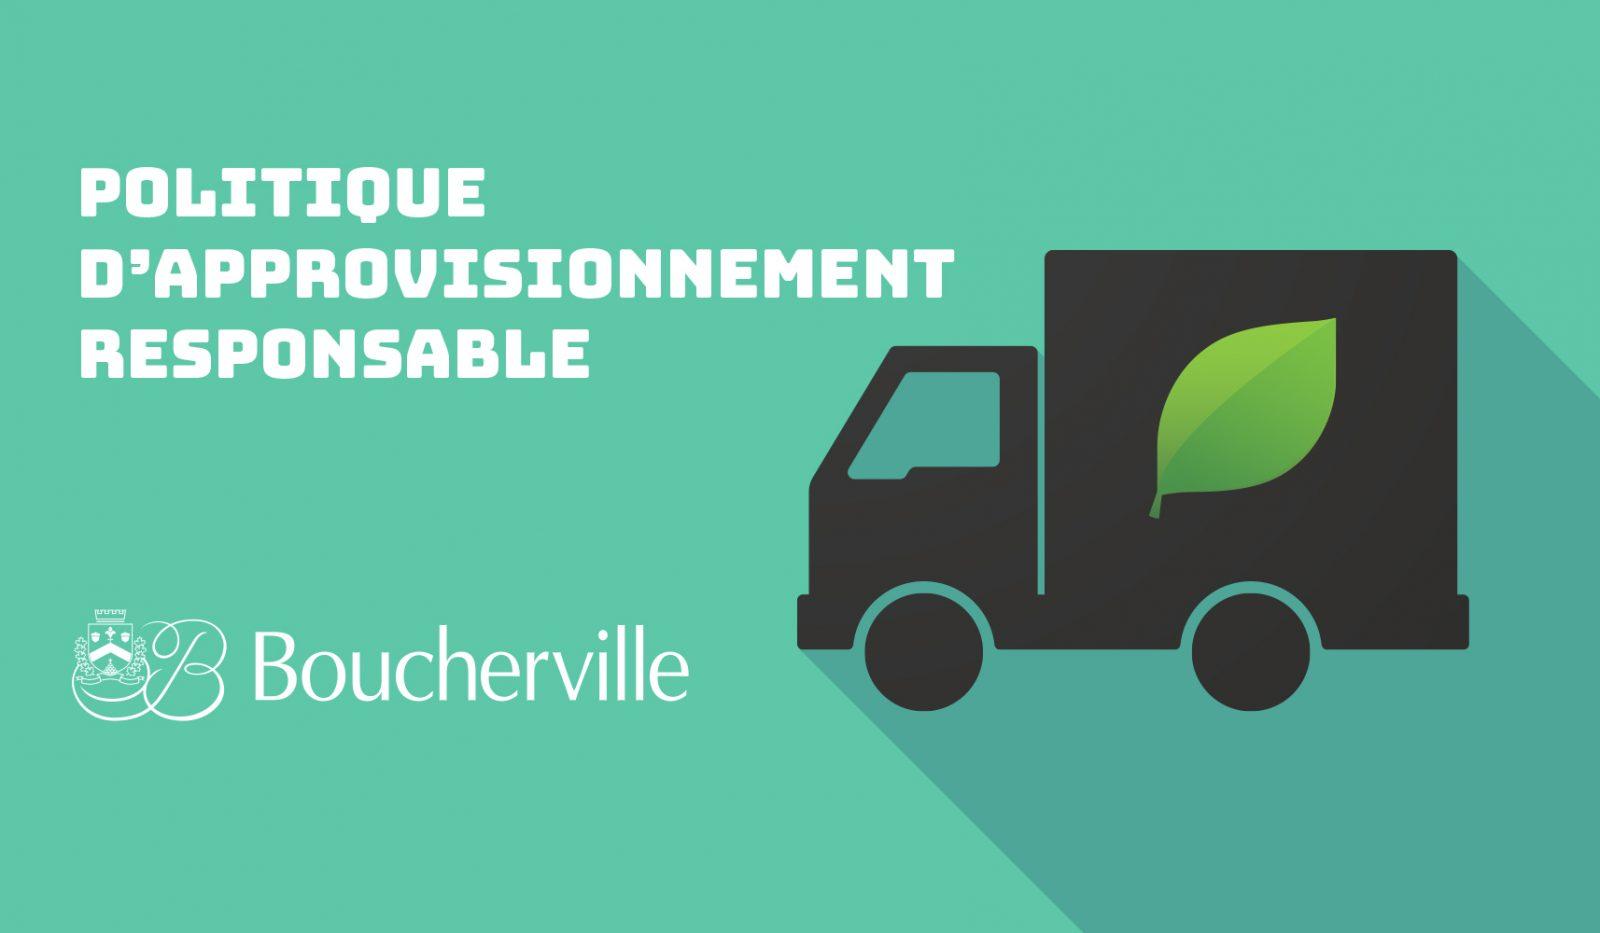 Politique d'approvisionnement responsable : la Ville de Boucherville encourage l'achat local